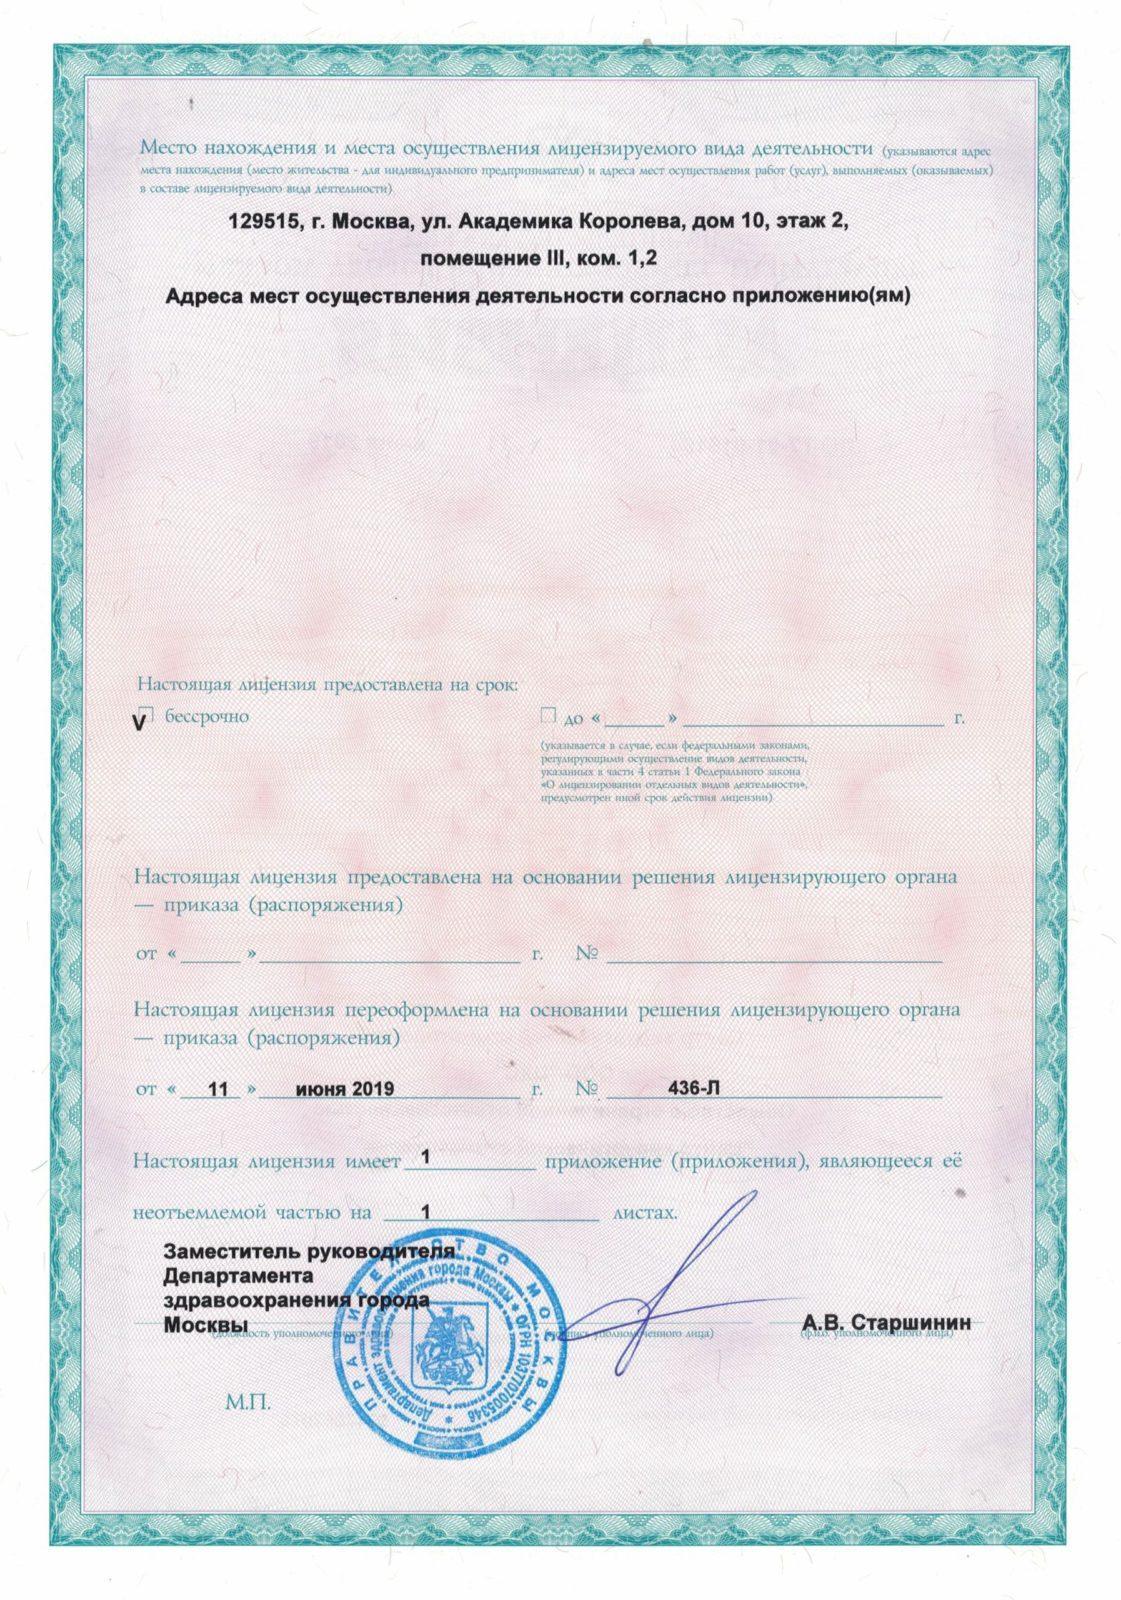 Лицензия стоматологии ЦХС